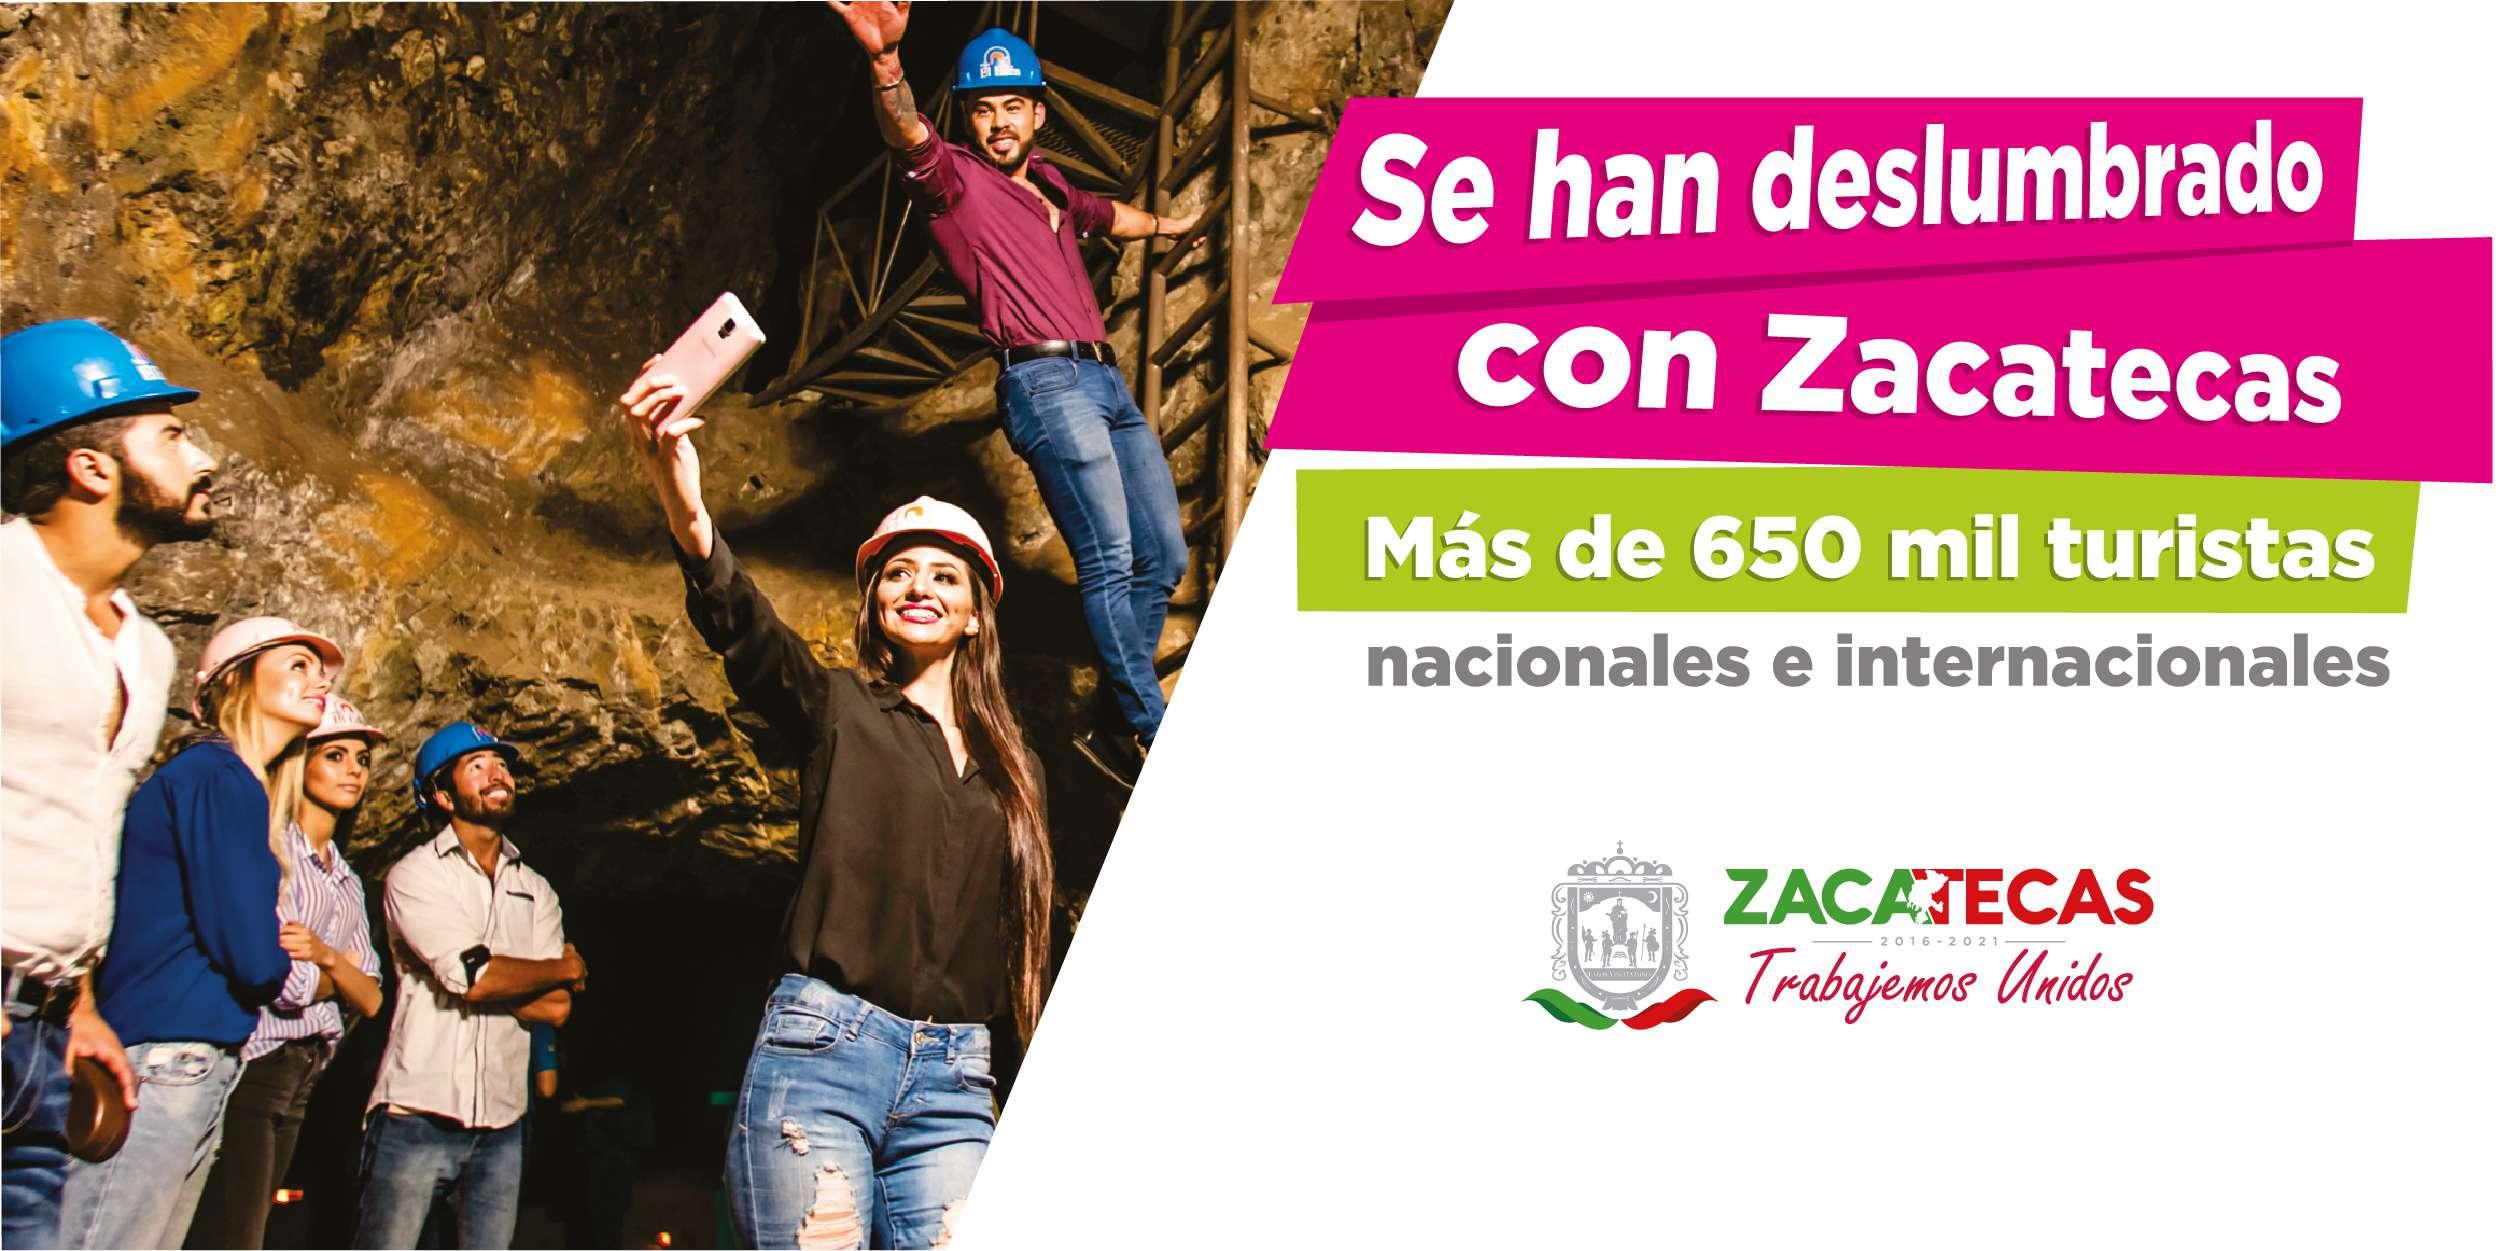 https://www.zacatecas.gob.mx